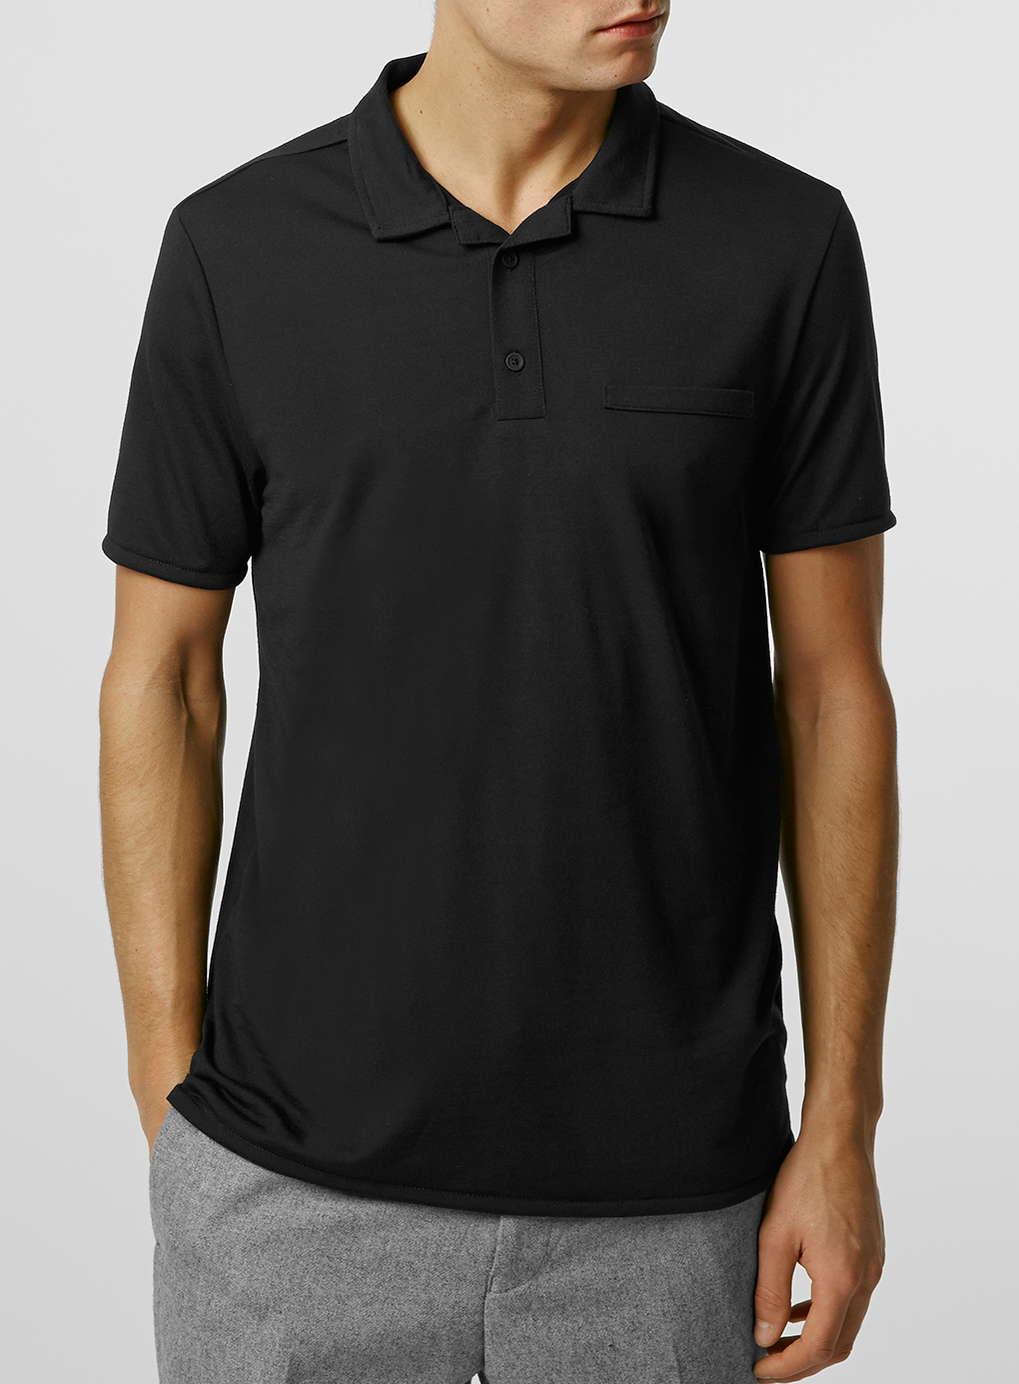 Topman Black Revere Polo Neck T Shirt In Black For Men Lyst